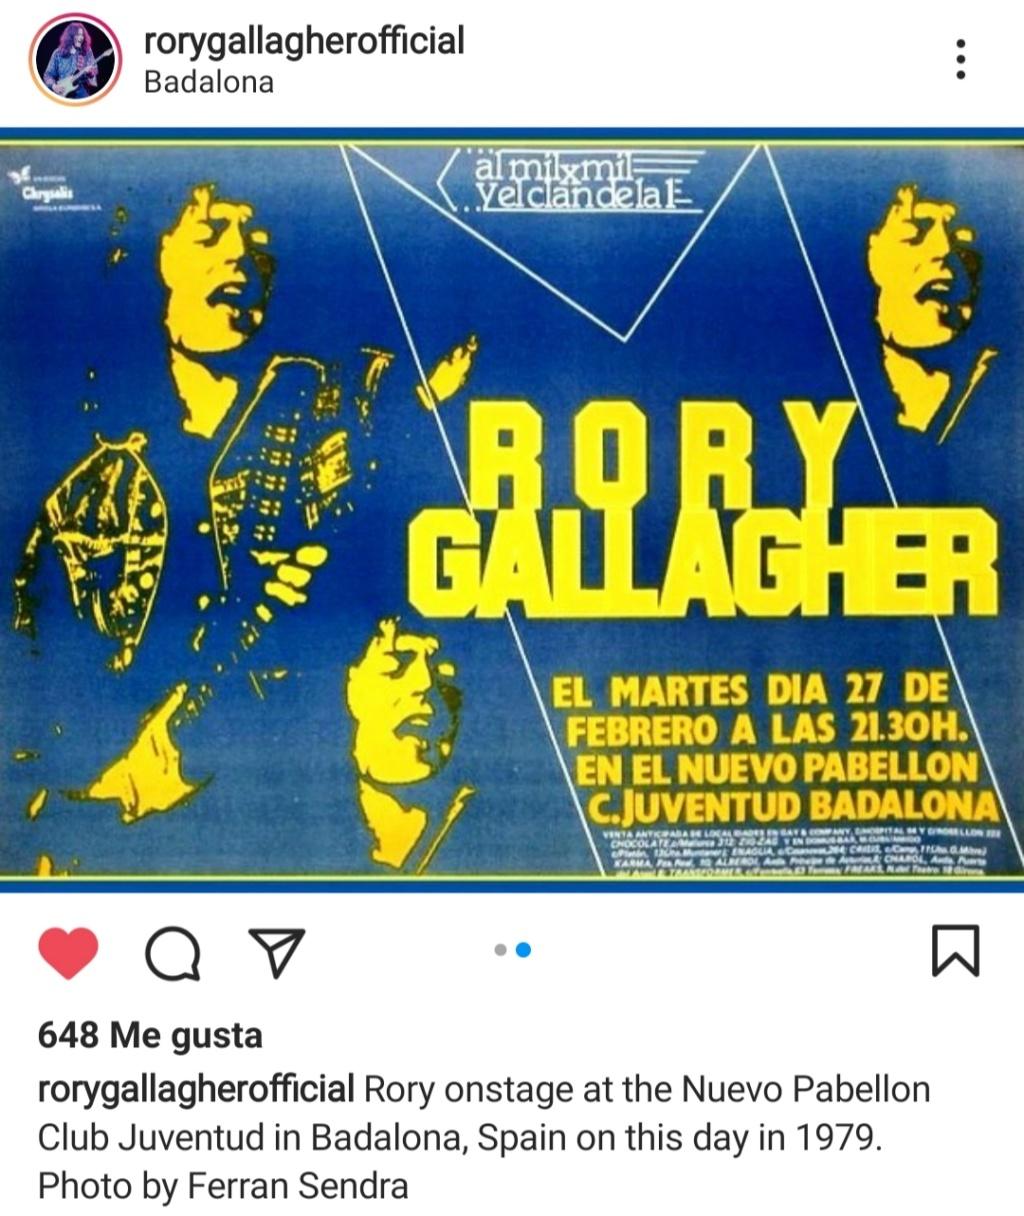 PONTE UNA CANCIÓN DE RORY GALLAGHER - Página 15 Img_2031